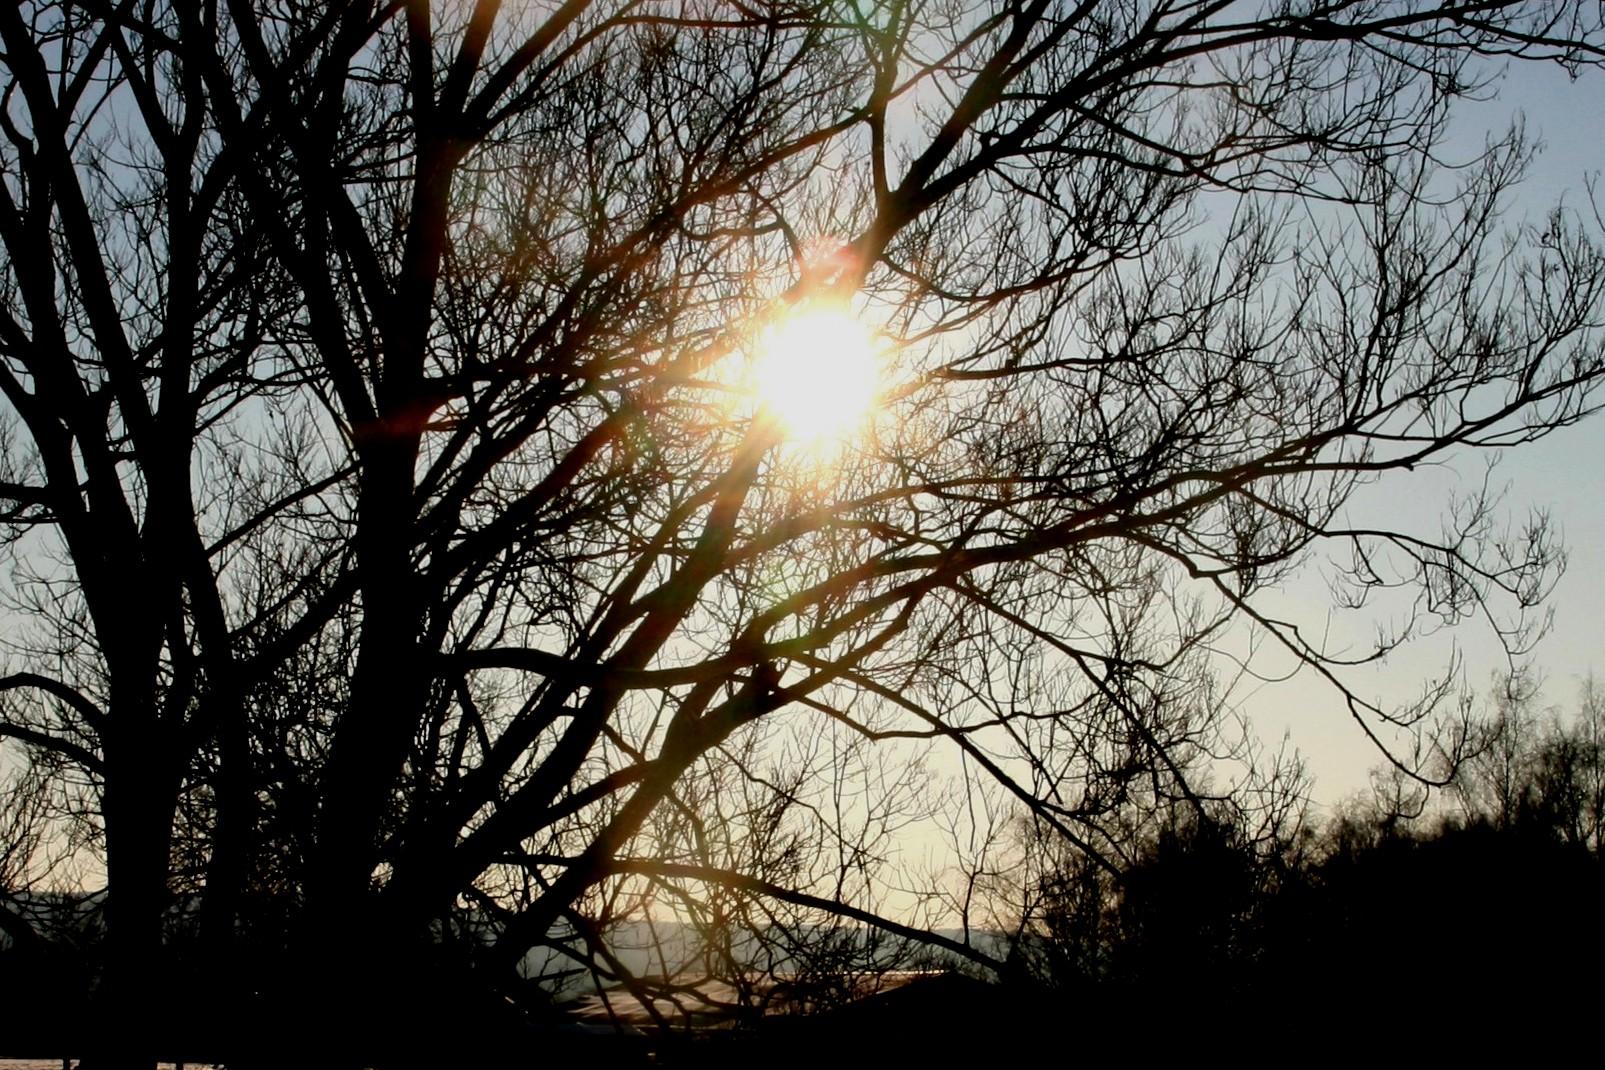 Ligne 38 soleil contre-jour gr plan